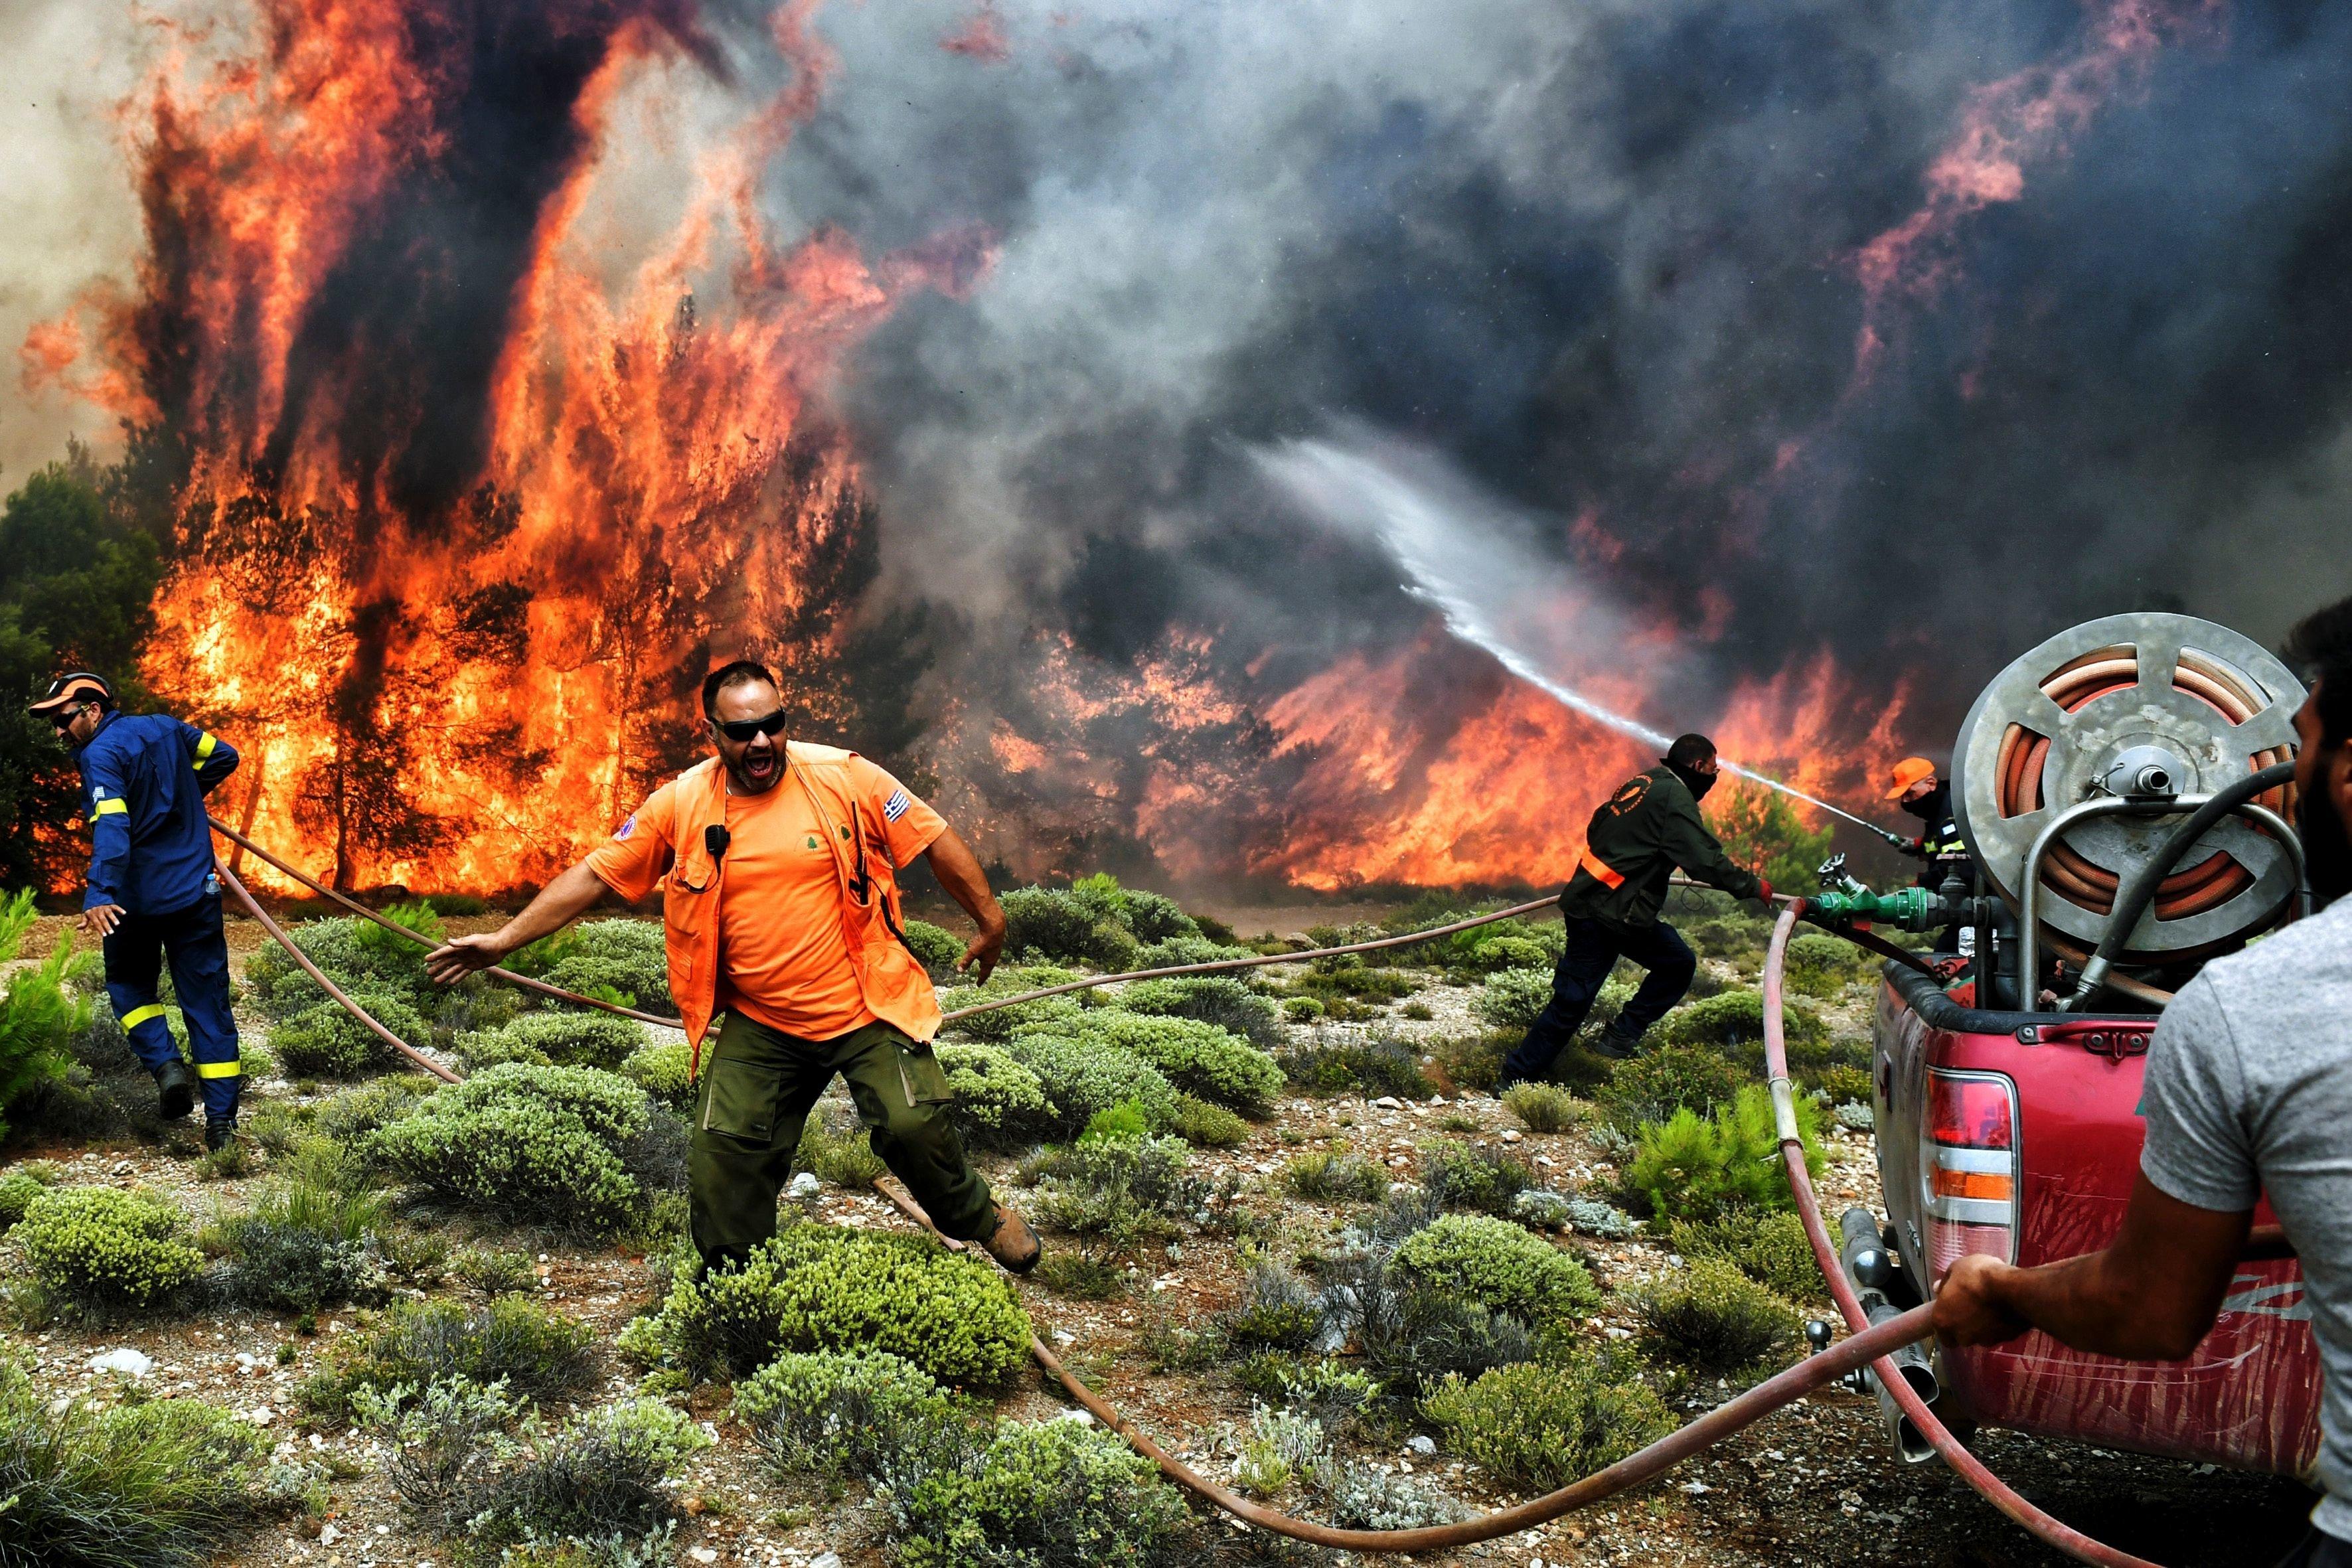 Λίντον Προντο: Ο ειδικός ερευνητής για τις πυρκαγιές εξηγεί τι πήγε τόσο στραβά στην